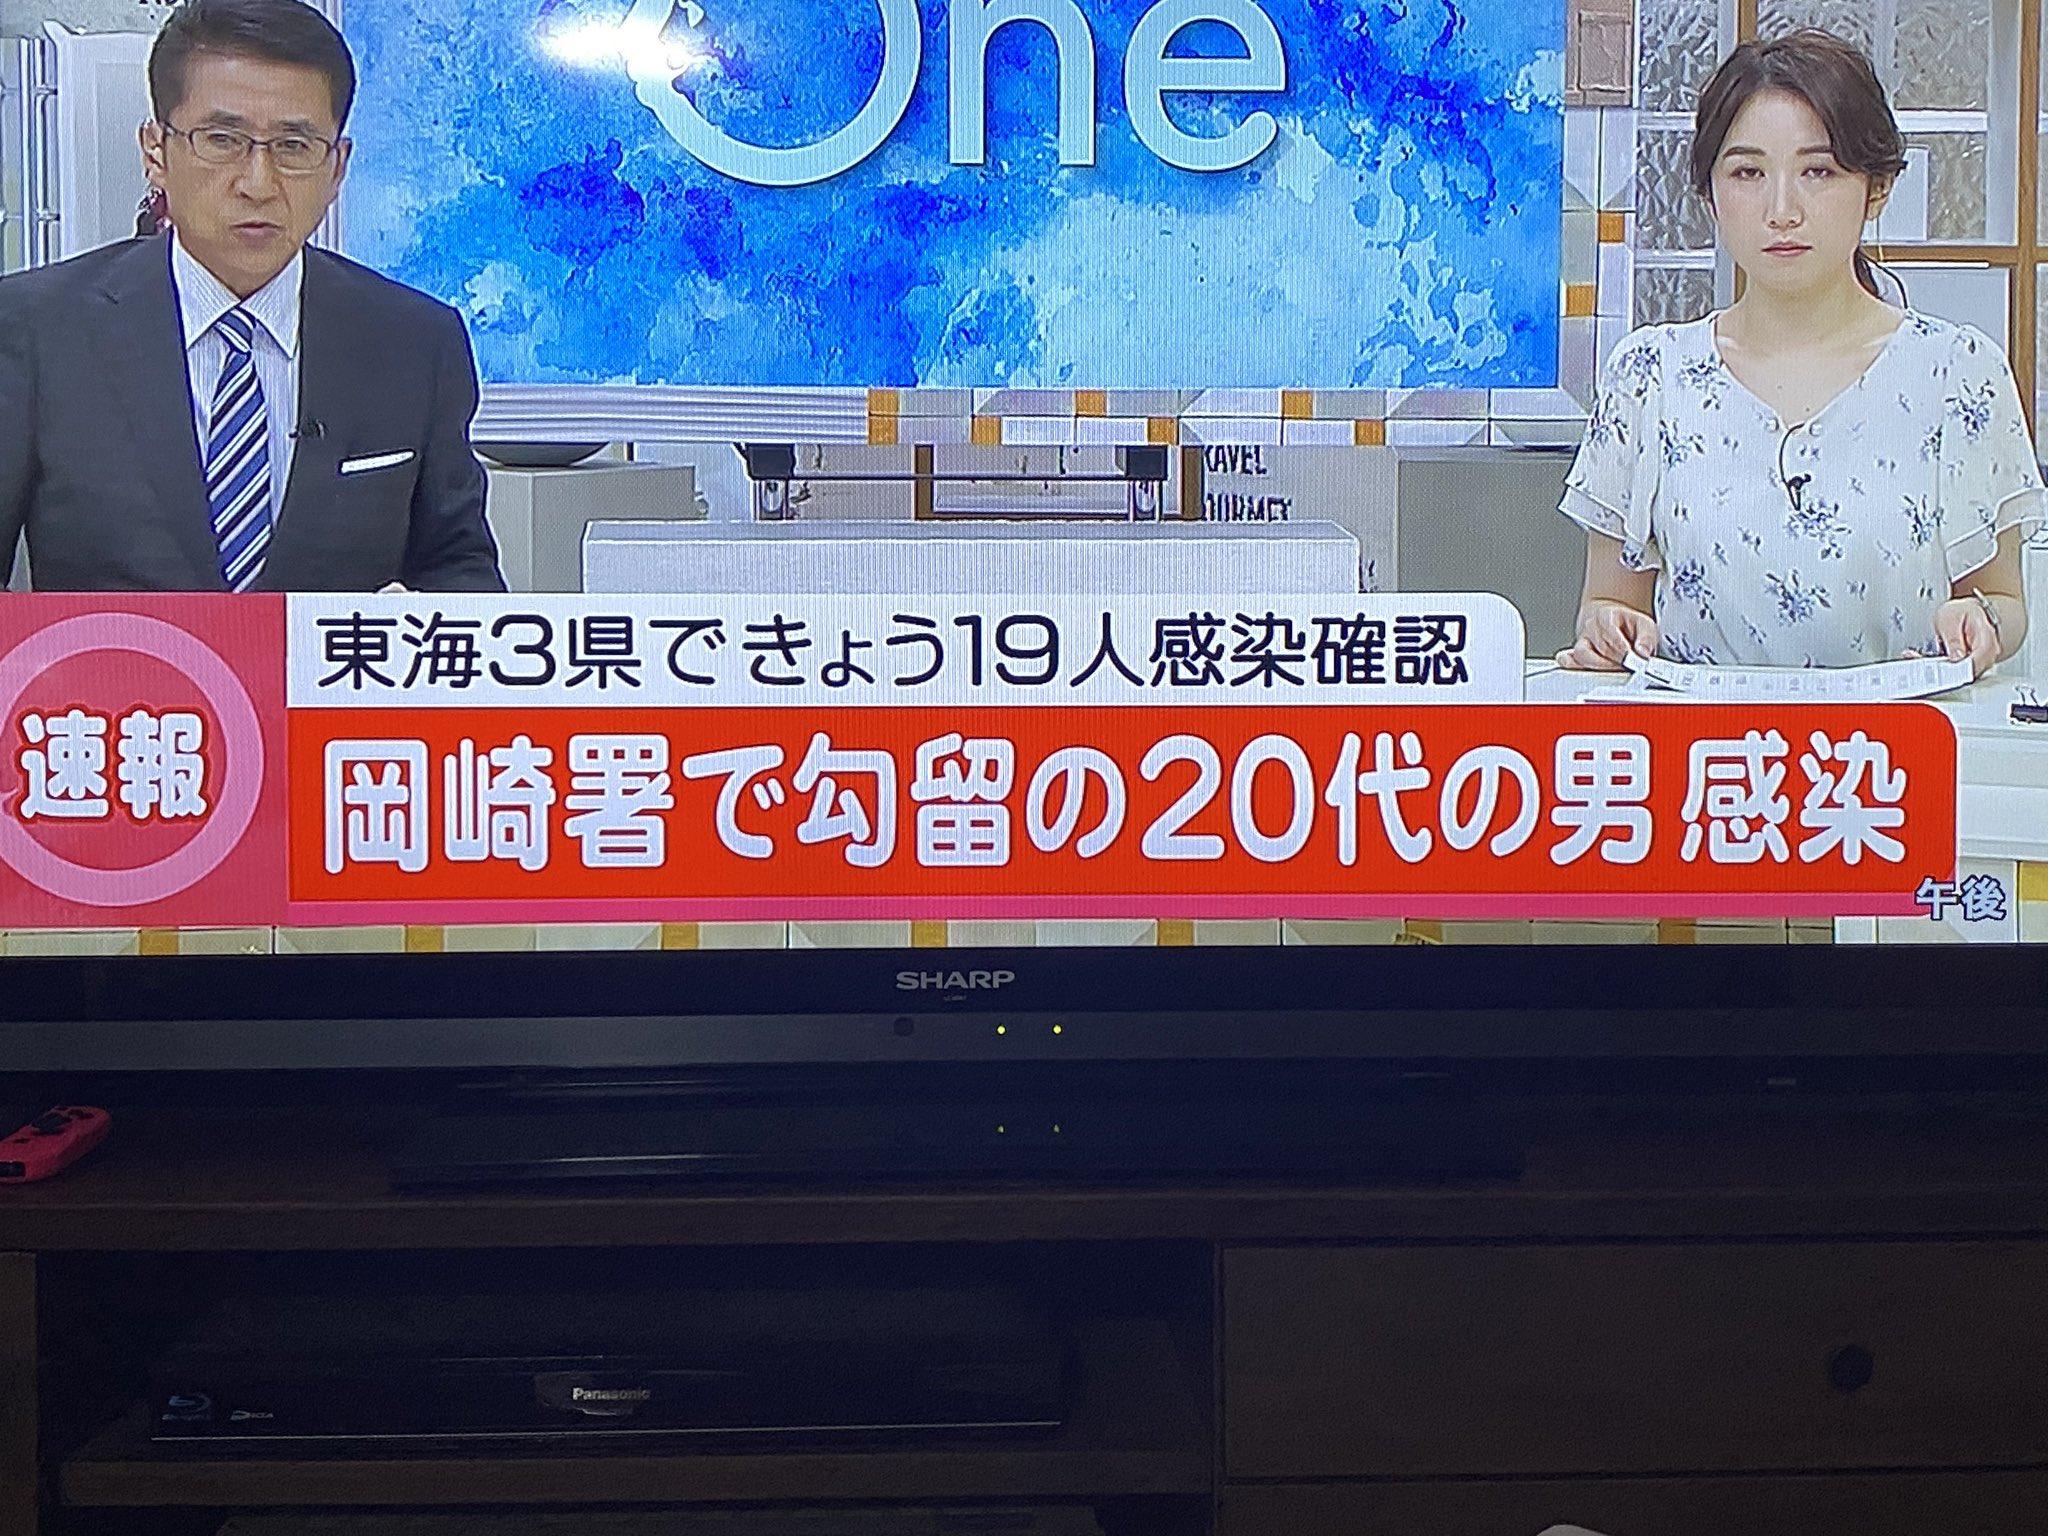 へずまりゅうが岡崎署で新型コロナウイルスに感染したニュースの画像